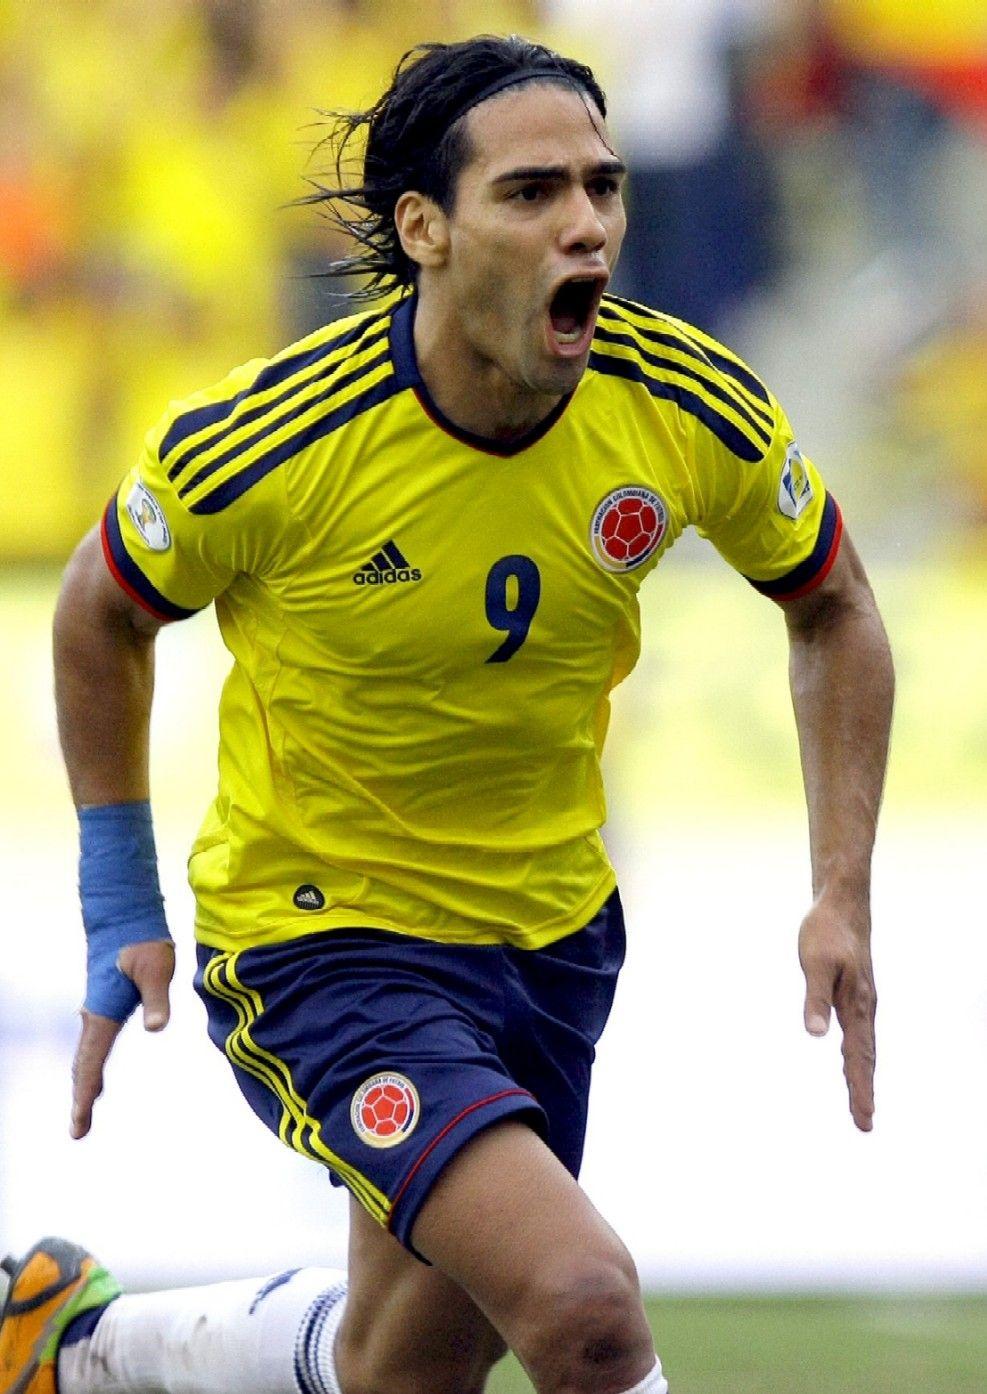 Radamel Falcao - El tigre #Colombia